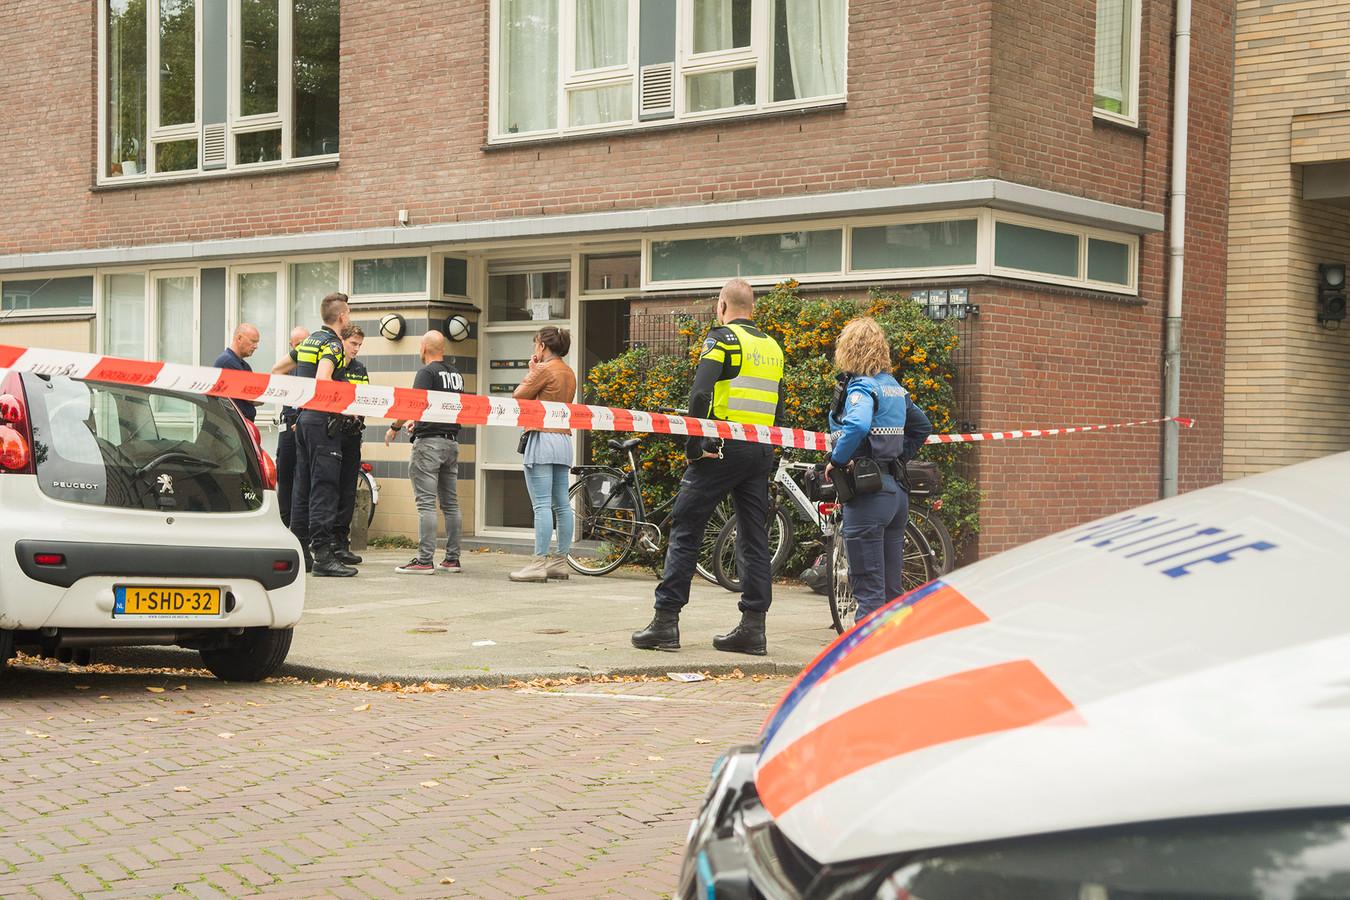 Agenten schoten in september de 37-jarige Utrechter Dustin W. neer, nadat hij een van hen had bedreigd met een mes.